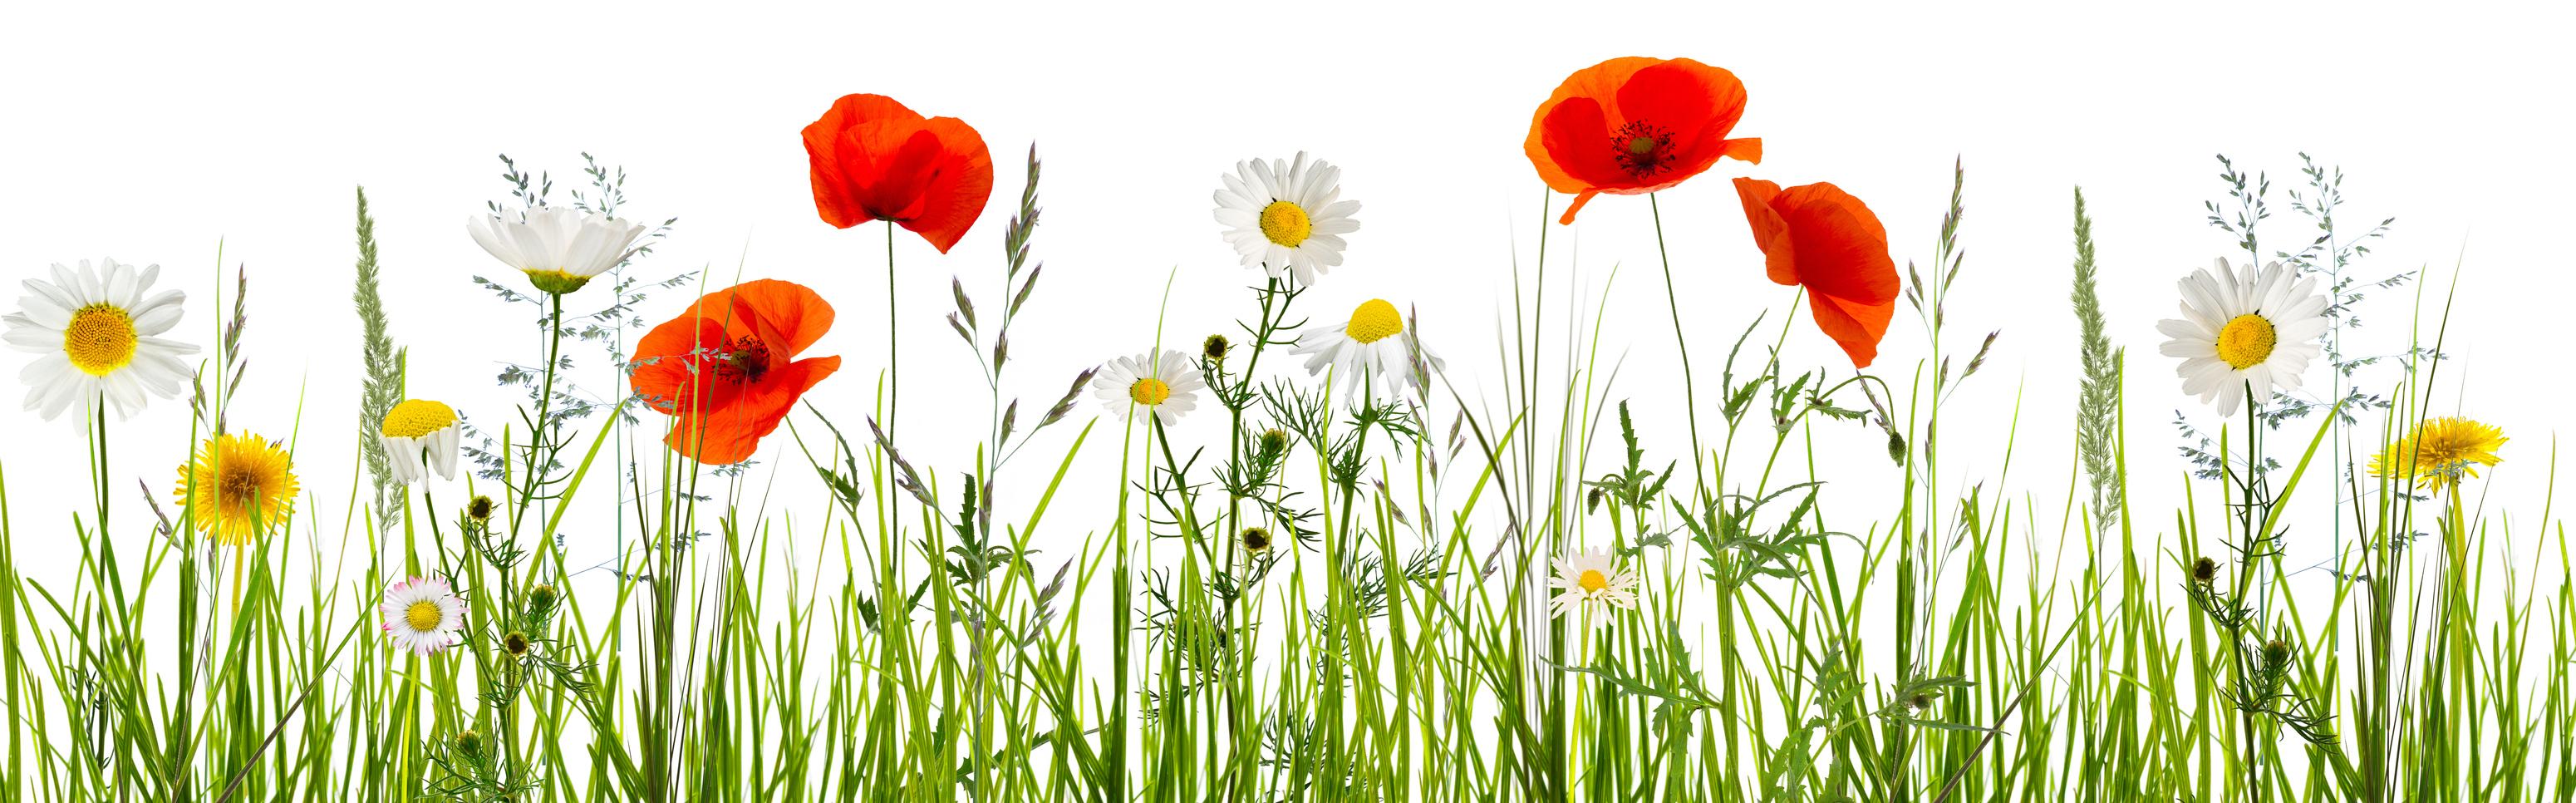 Bild av blommande sommaräng